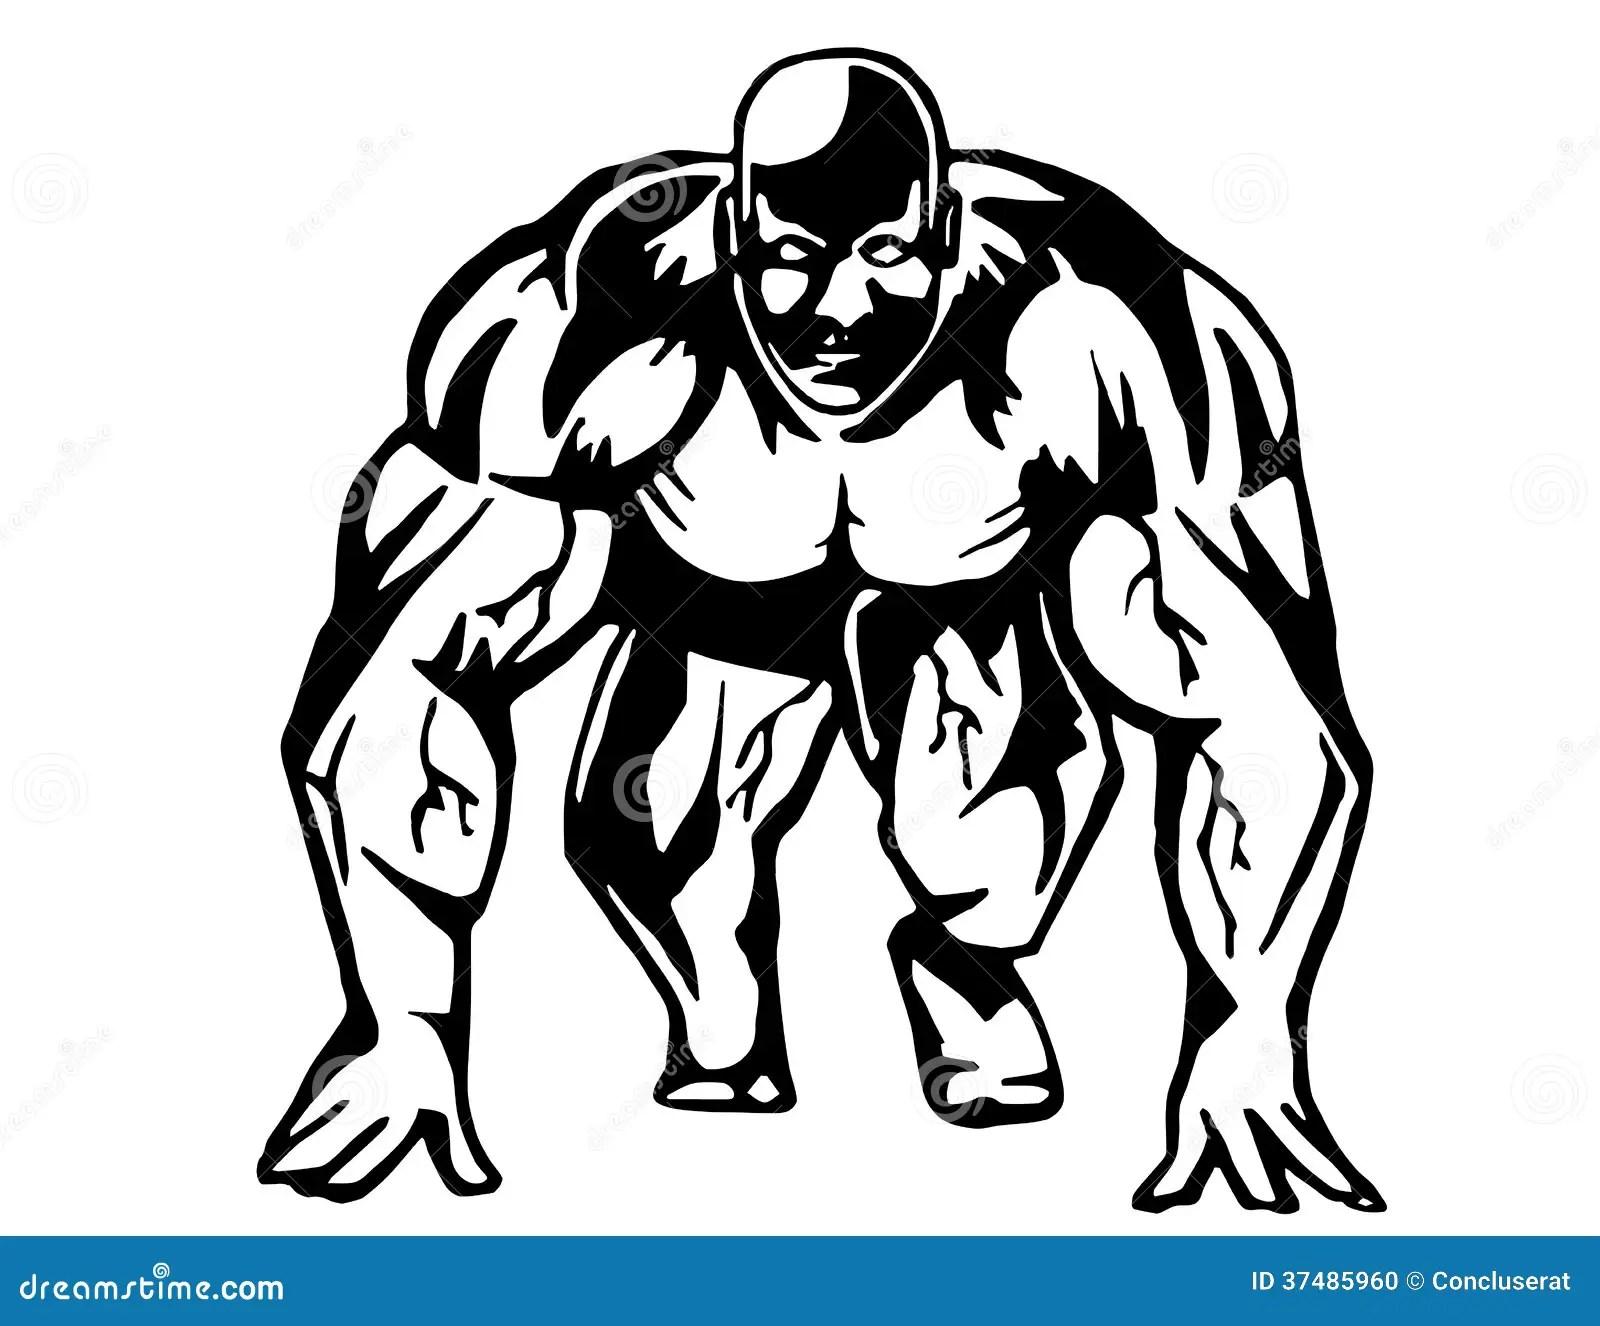 Running Bodybuilder Stock Vector Illustration Of Muscular